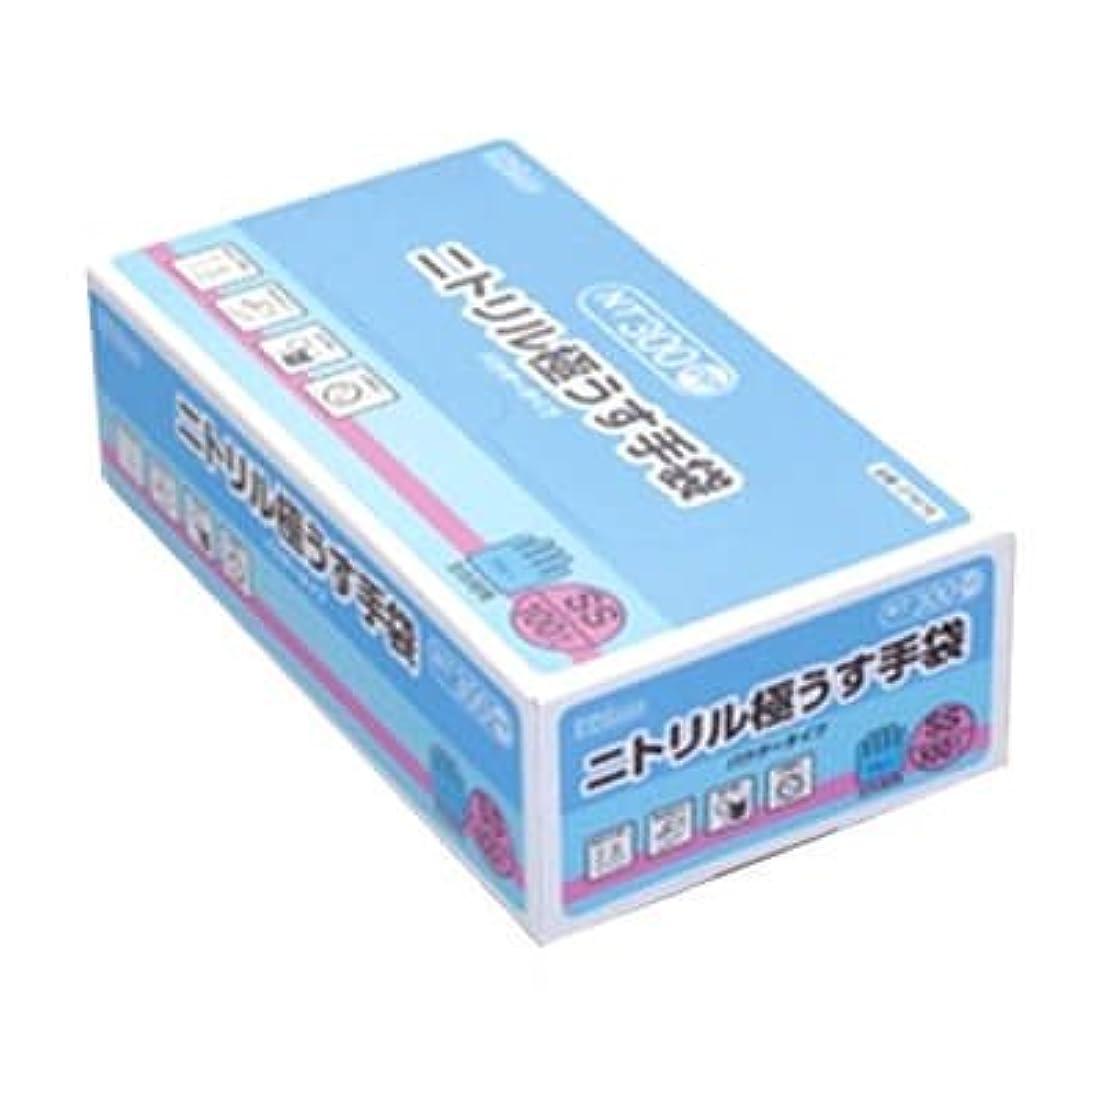 粉砕するへこみサンプル【ケース販売】 ダンロップ ニトリル極うす手袋 粉付 SS ブルー NT-300 (100枚入×20箱)